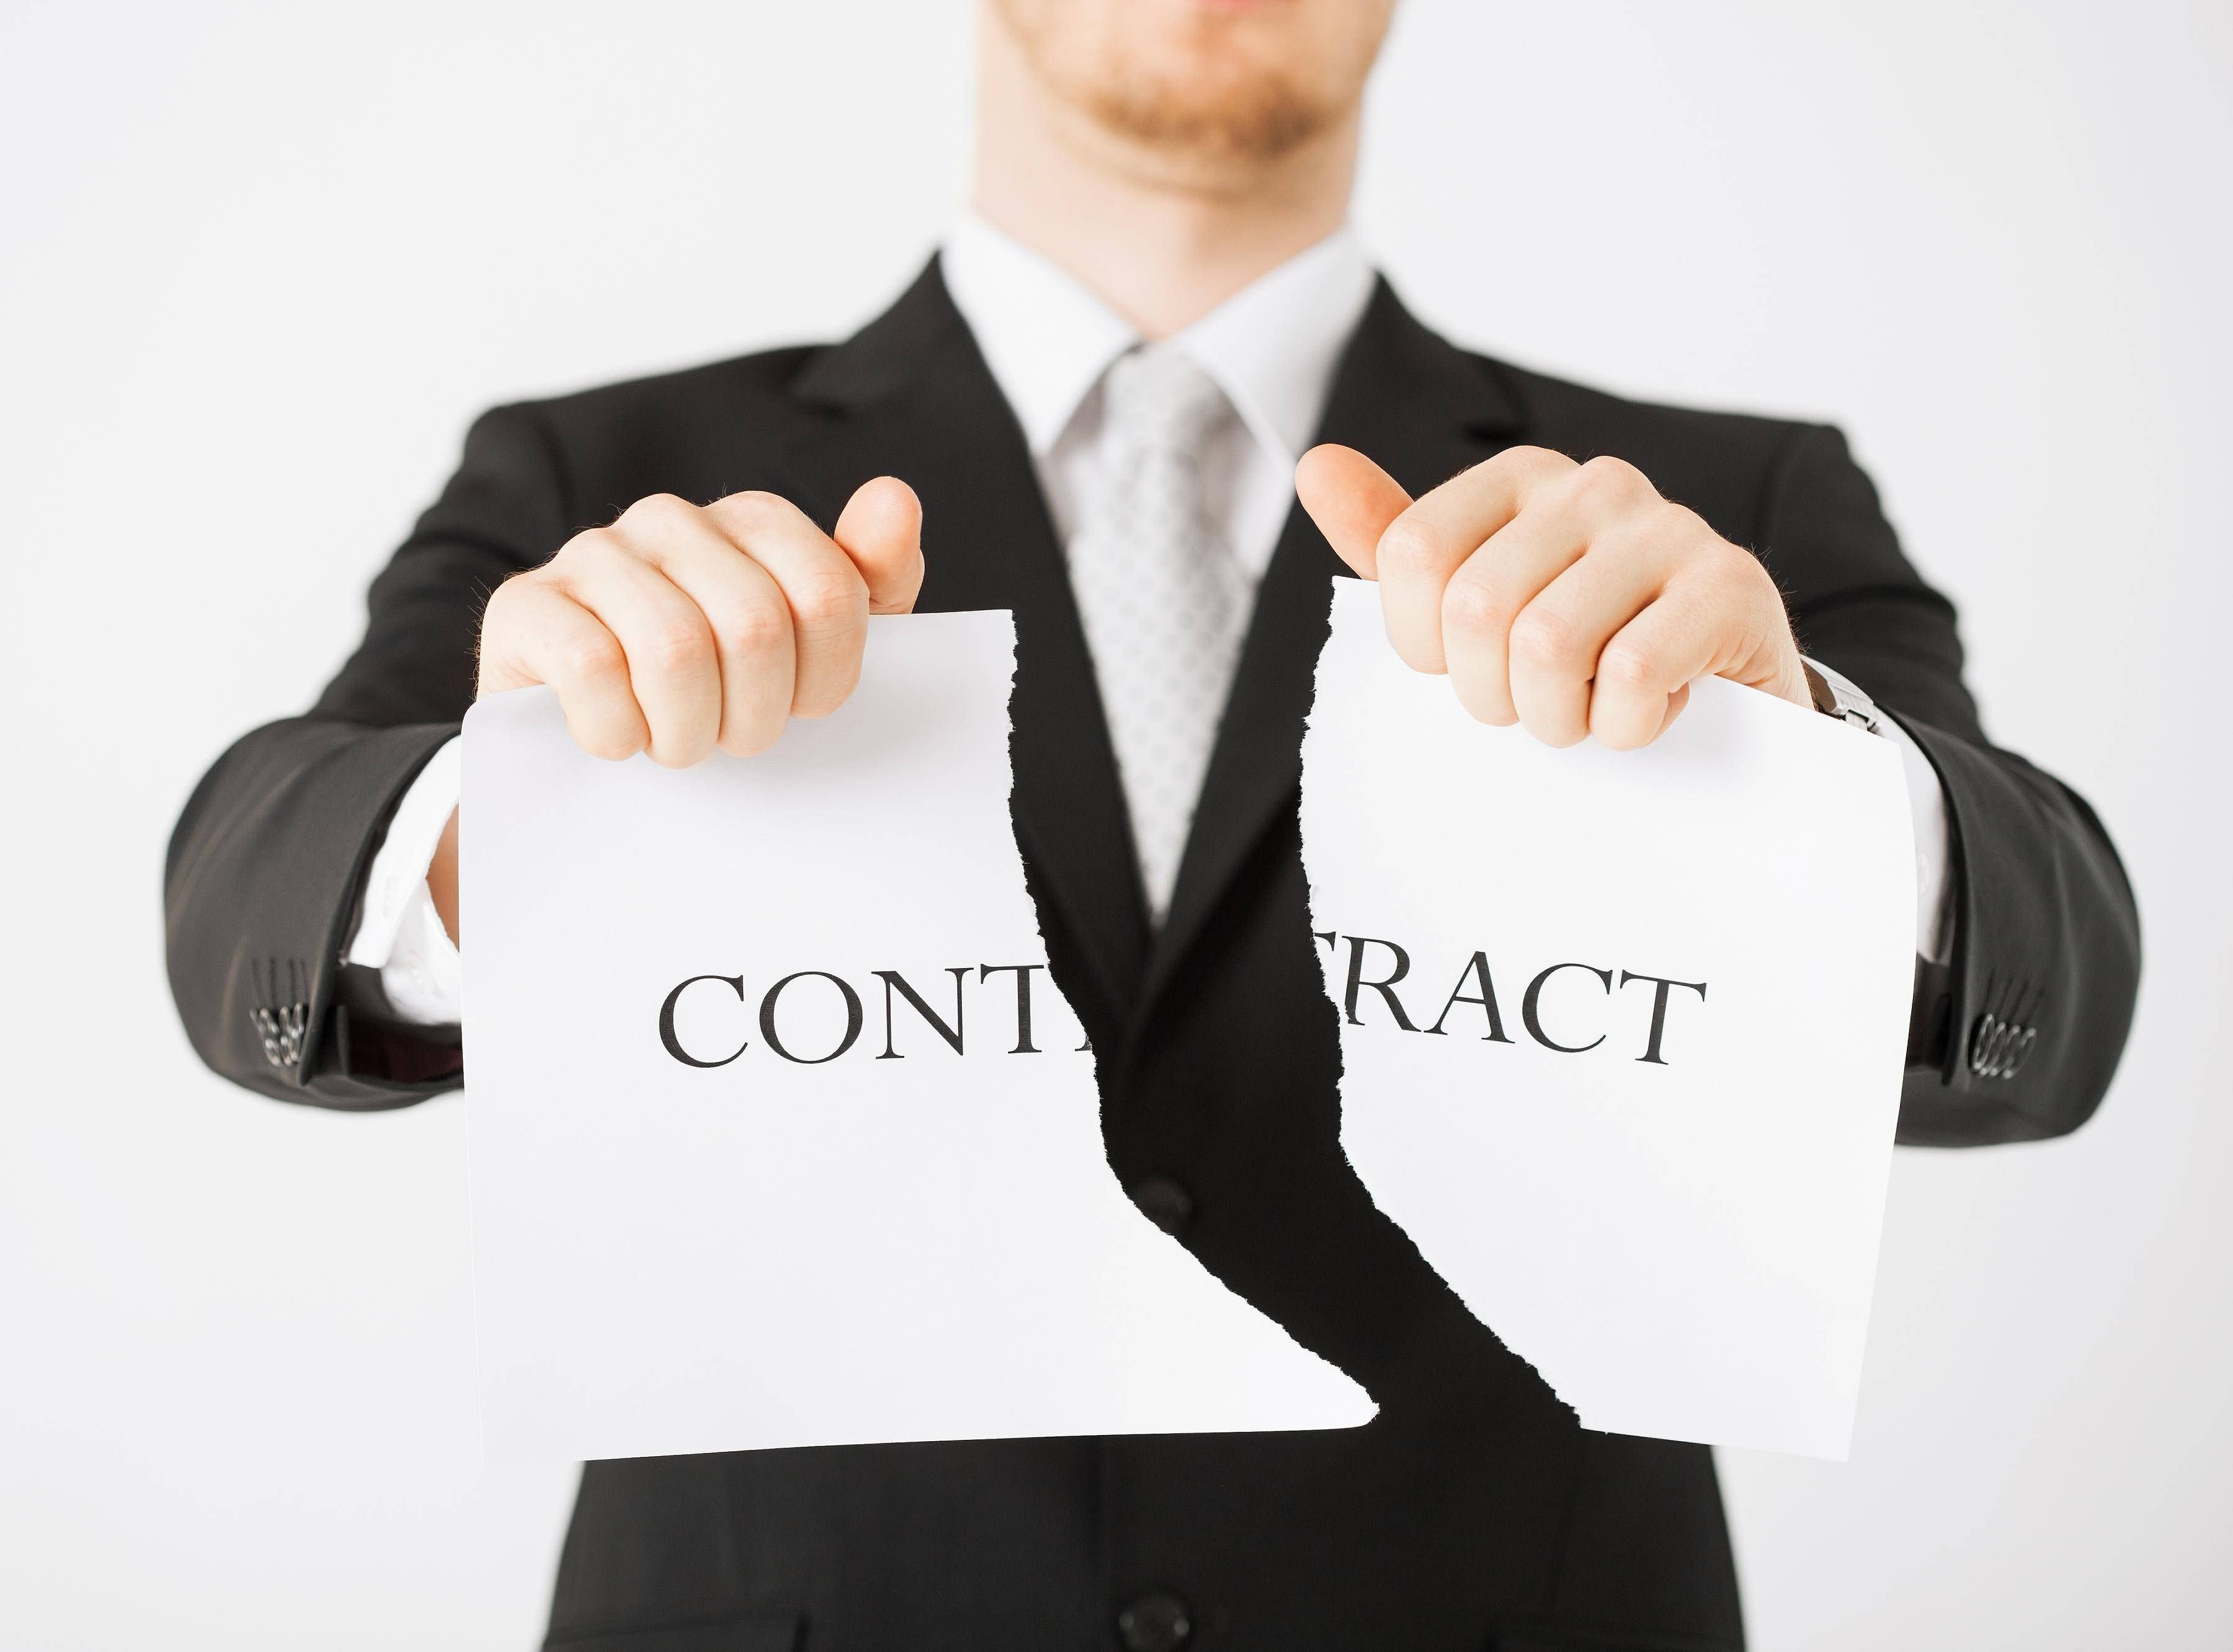 Bên cho thuê tự ý chấm dứt hợp đồng thuê nhà ở được không?